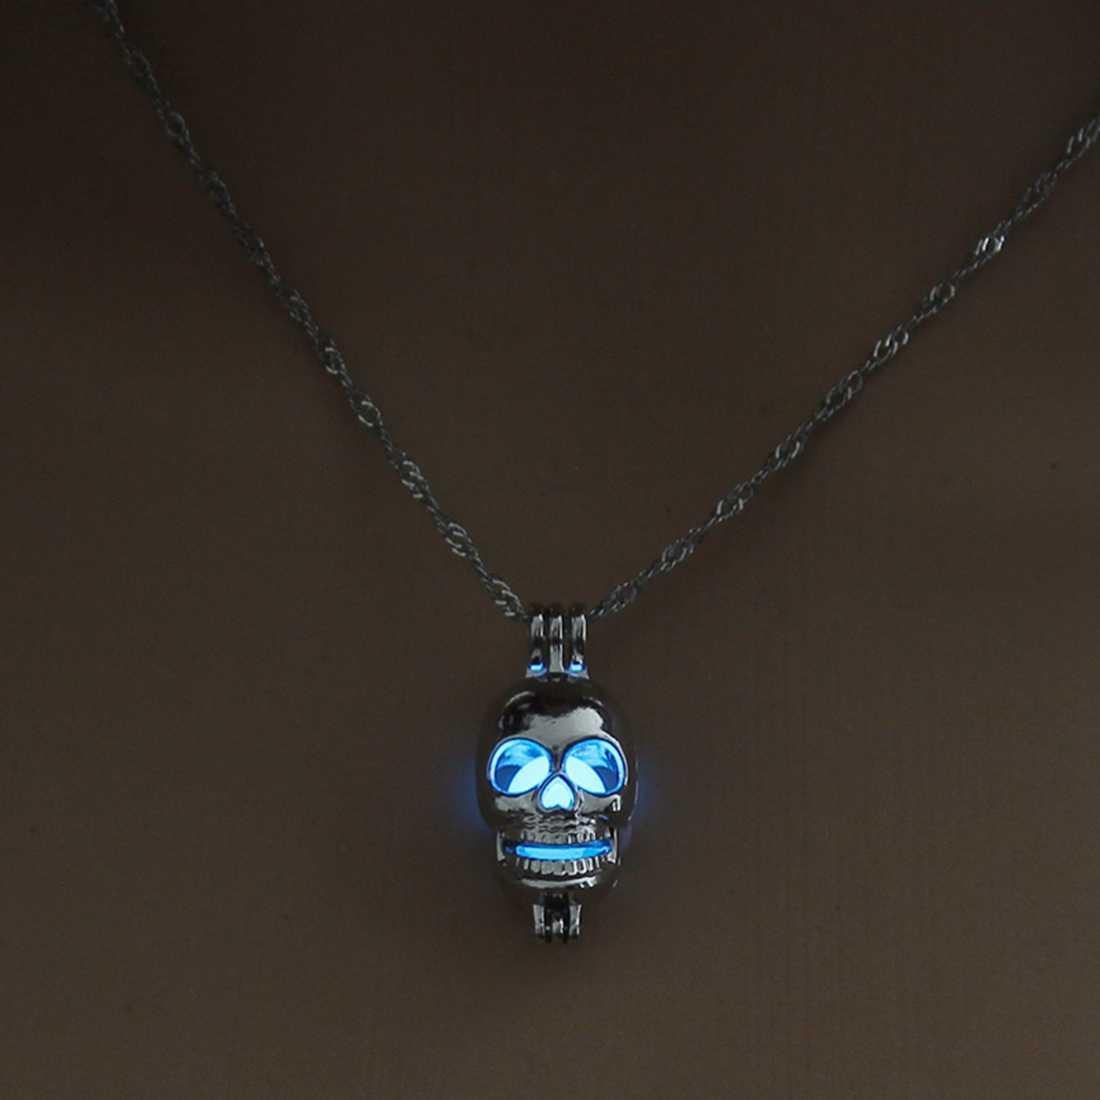 PUNK czaszka wisiorek naszyjnik Luminous biżuteria kolor srebrny łańcuch 45cm świecić w ciemny naszyjnik dla kobiet prezent dla mężczyzny hurtownie 2018